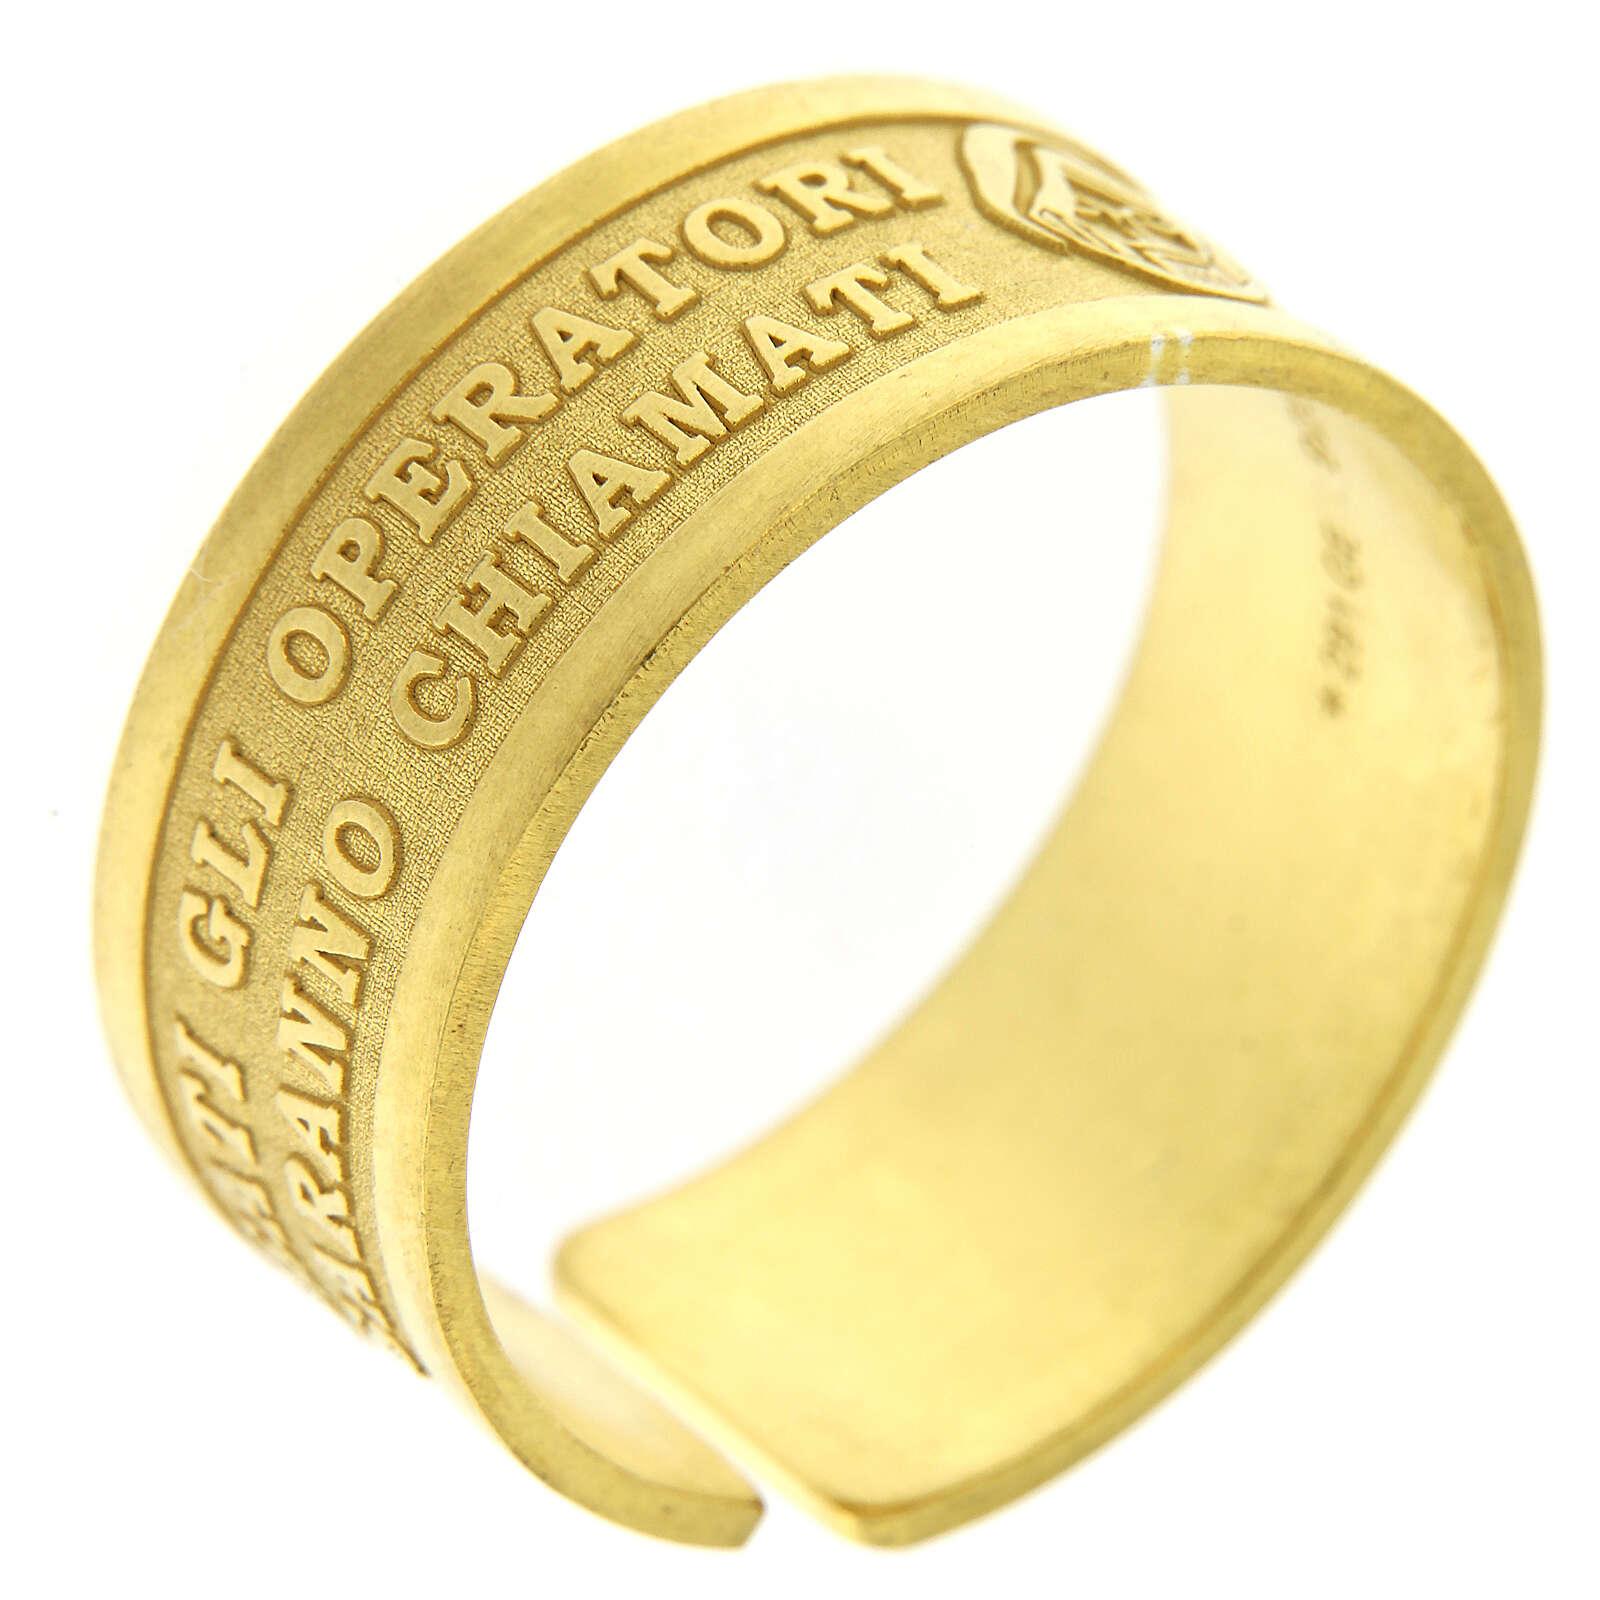 Bague argent doré Heureux les artisans de paix 3